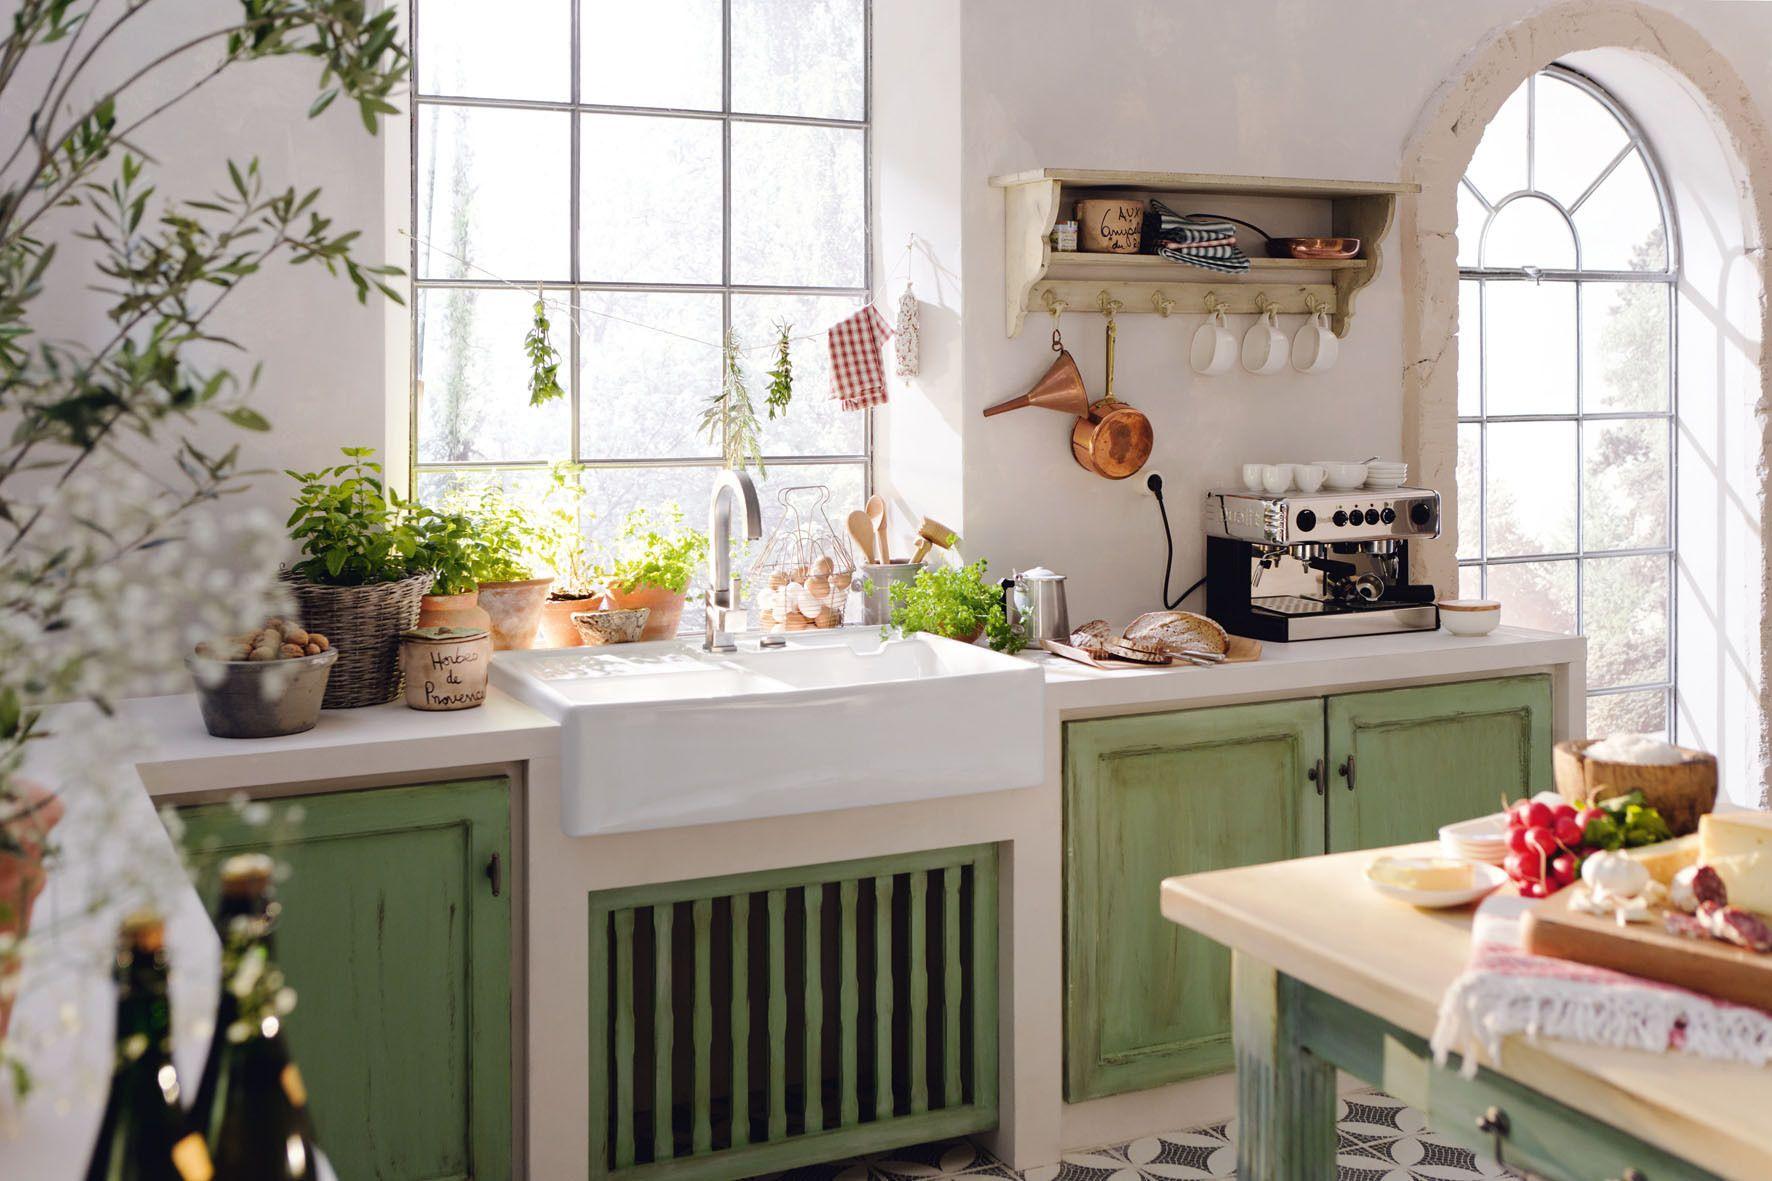 Full Size of Küchenblende Kchenfronten Erneuern Kleiner Aufwand Wohnzimmer Küchenblende